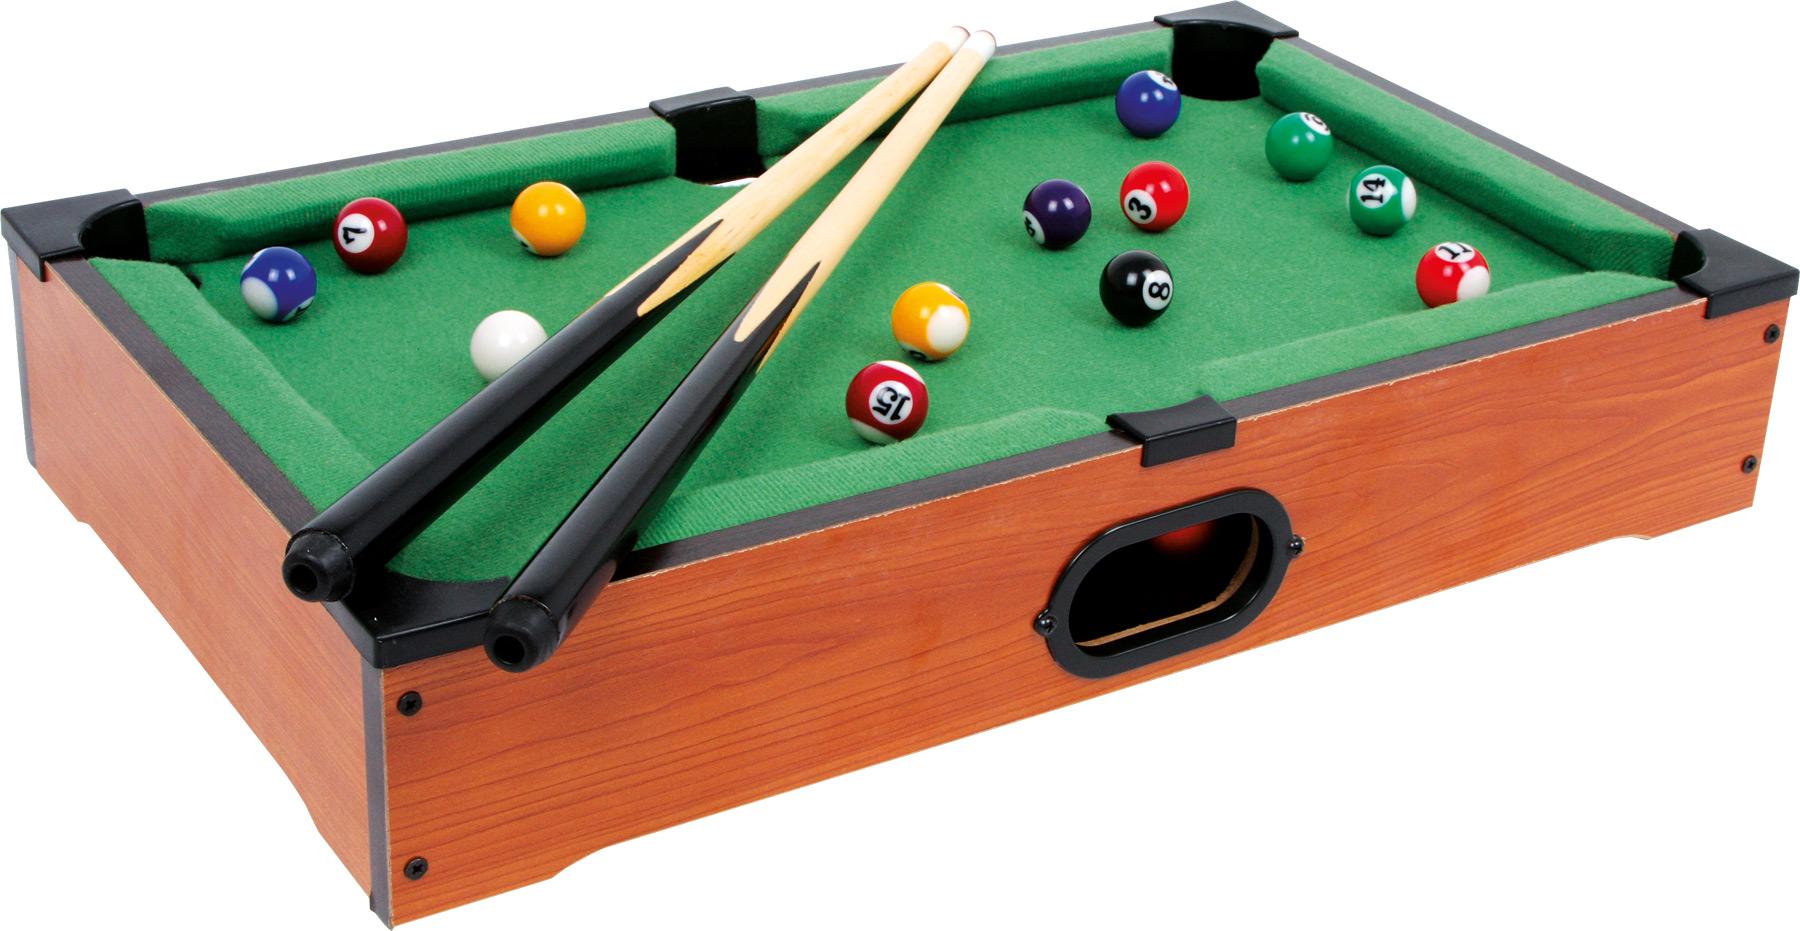 Afholte small foot Bord Billard, Mini - Billiard, Fodbold og co MK-55